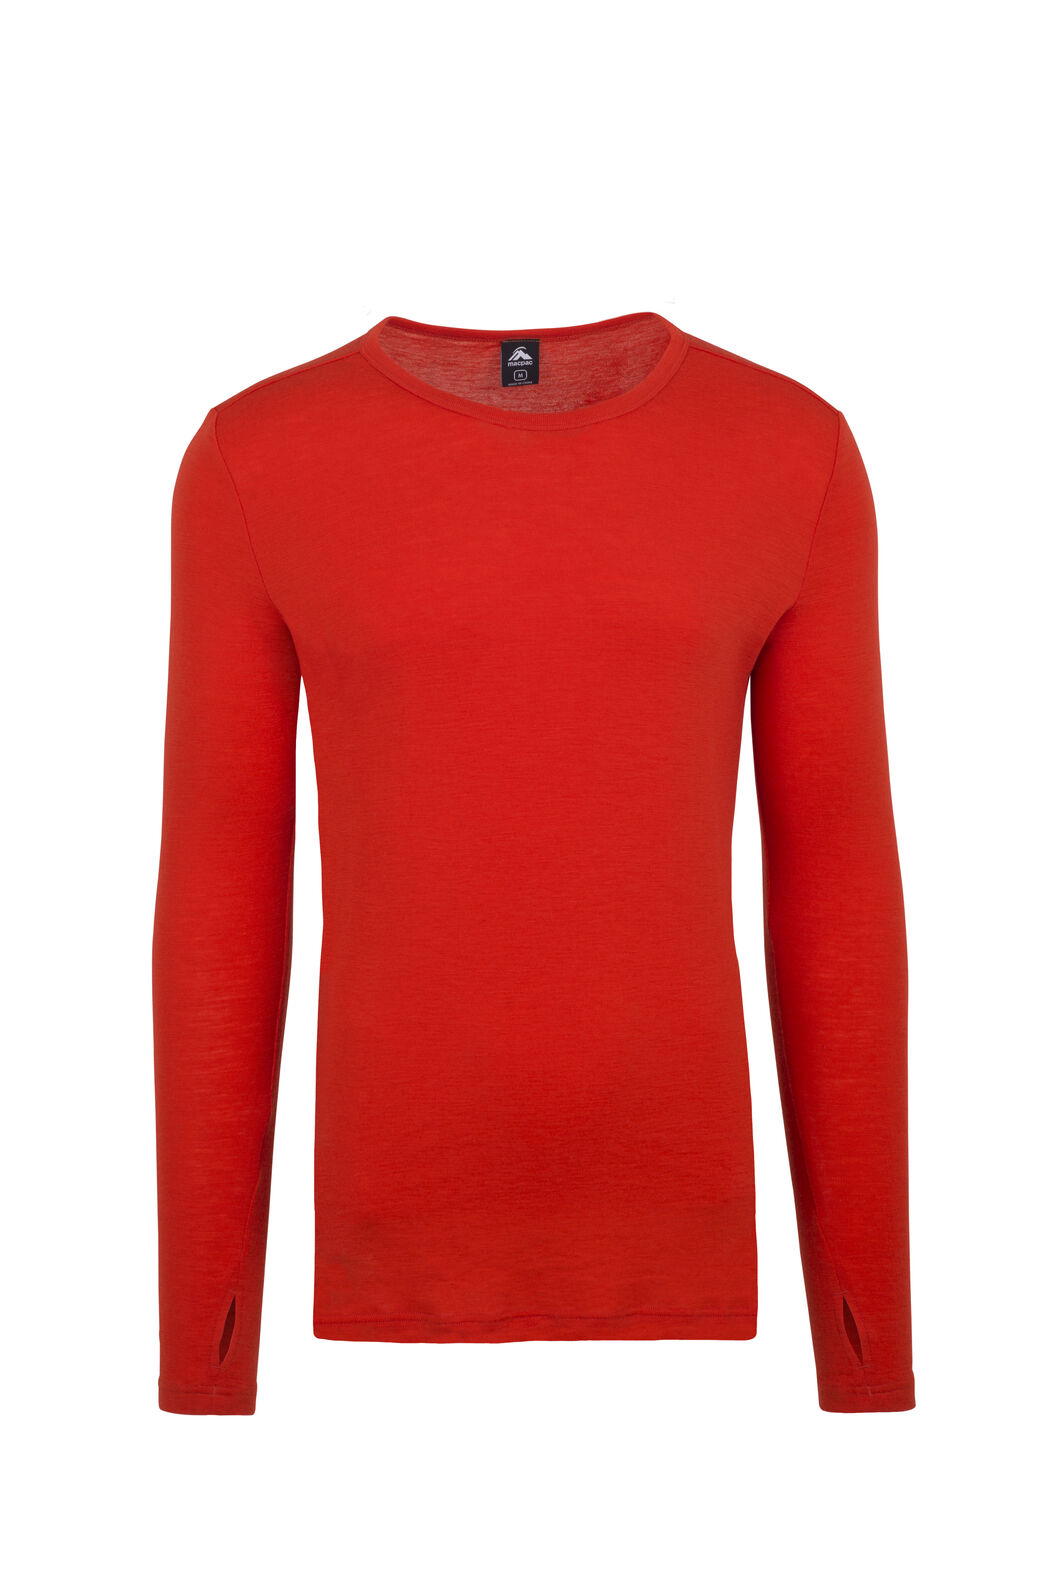 Macpac 220 Merino Long Sleeve Top — Men's, Spicy Orange, hi-res